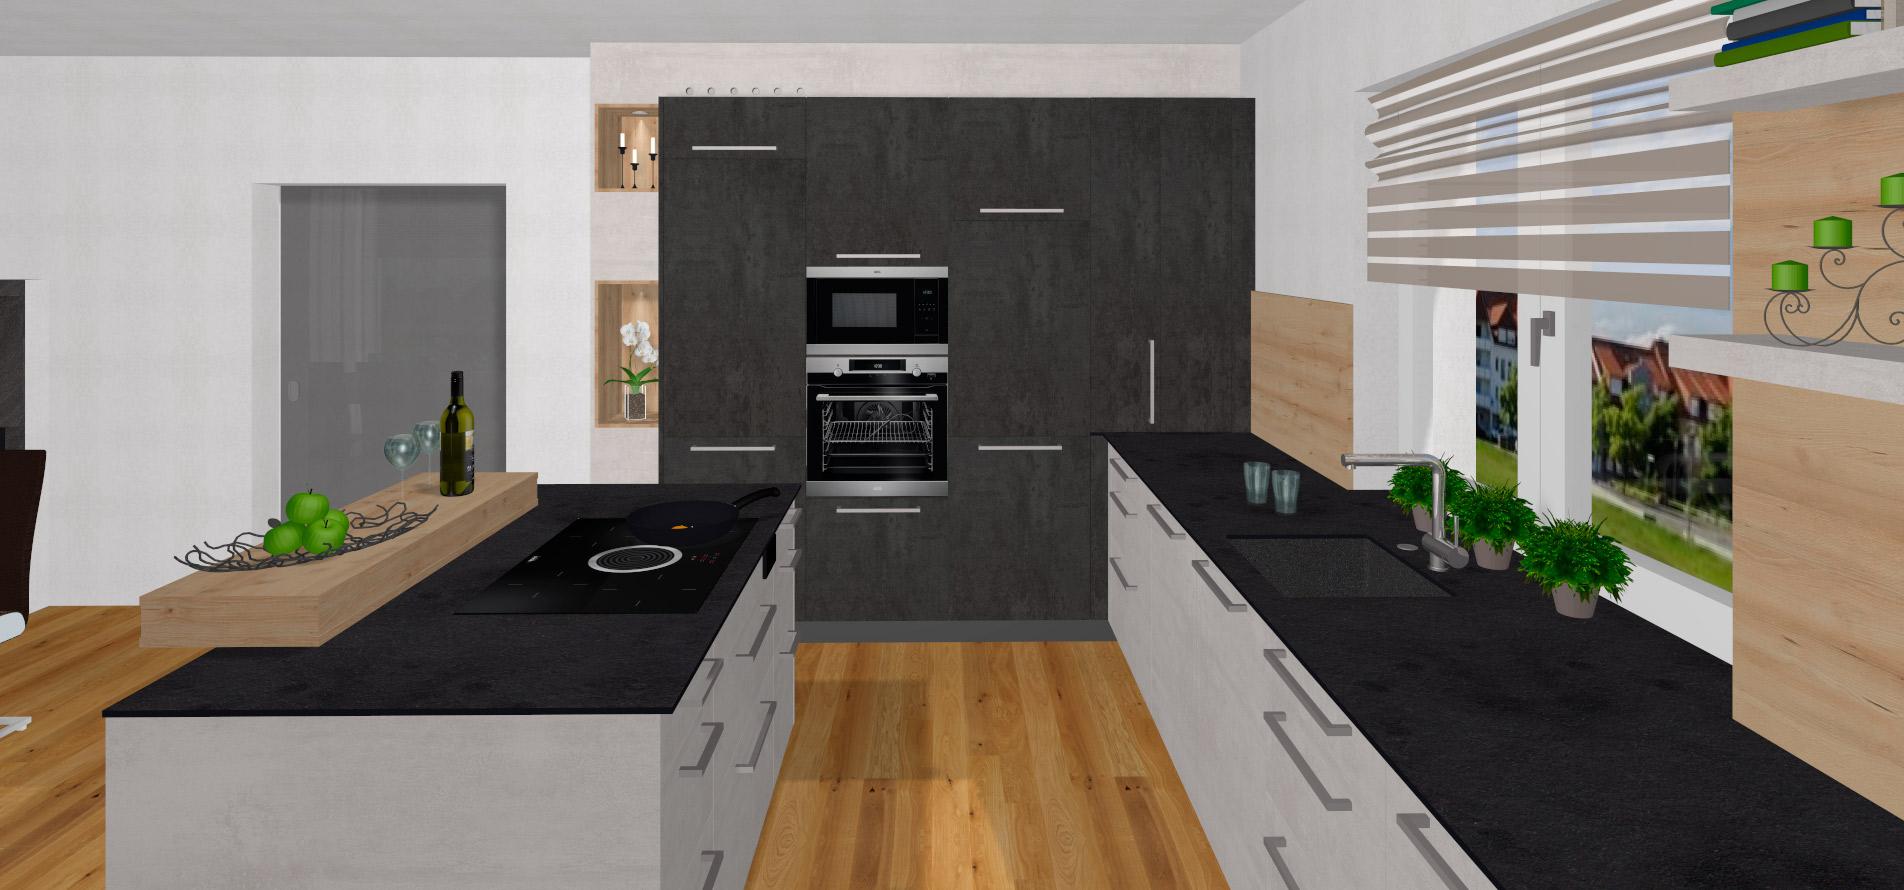 L-Küche mit freistehender Insel in Ried in der Riedmark ...